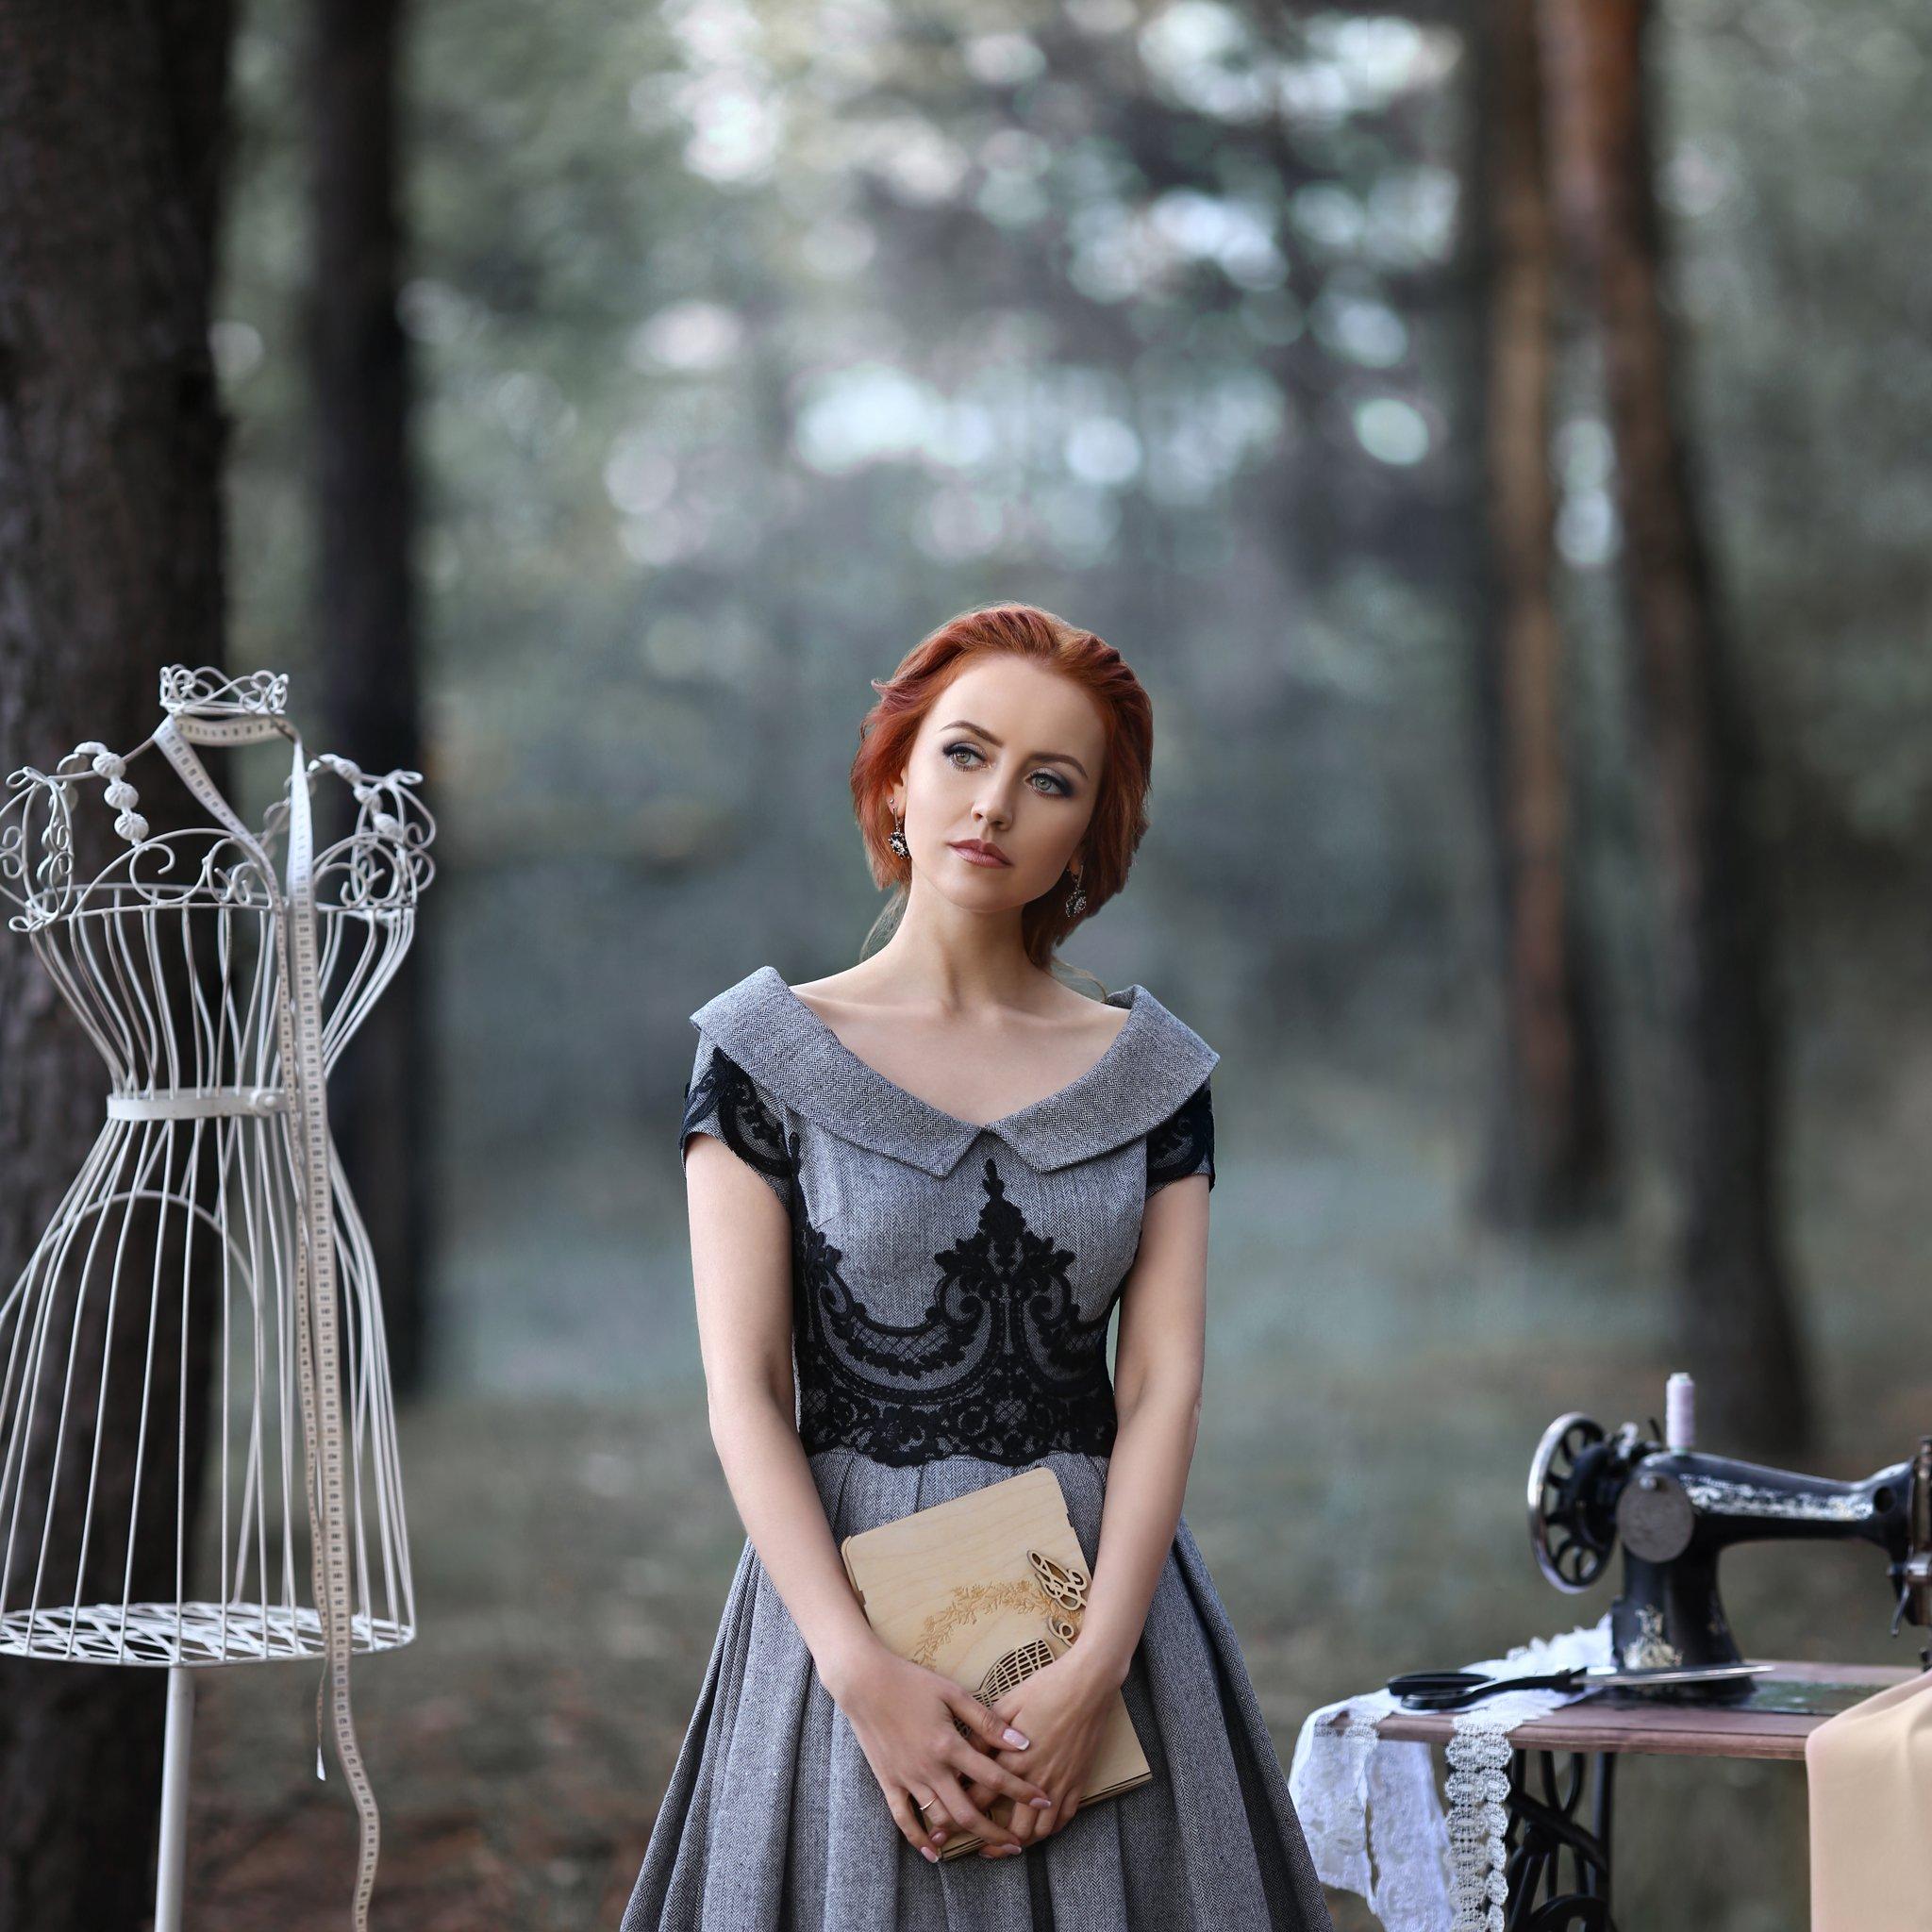 серый, манекен, сантиметровая лента, швейная машинка, рождение идеи, дизайнер, дизайнер одежды, женское платье, Голубятникова Ирина